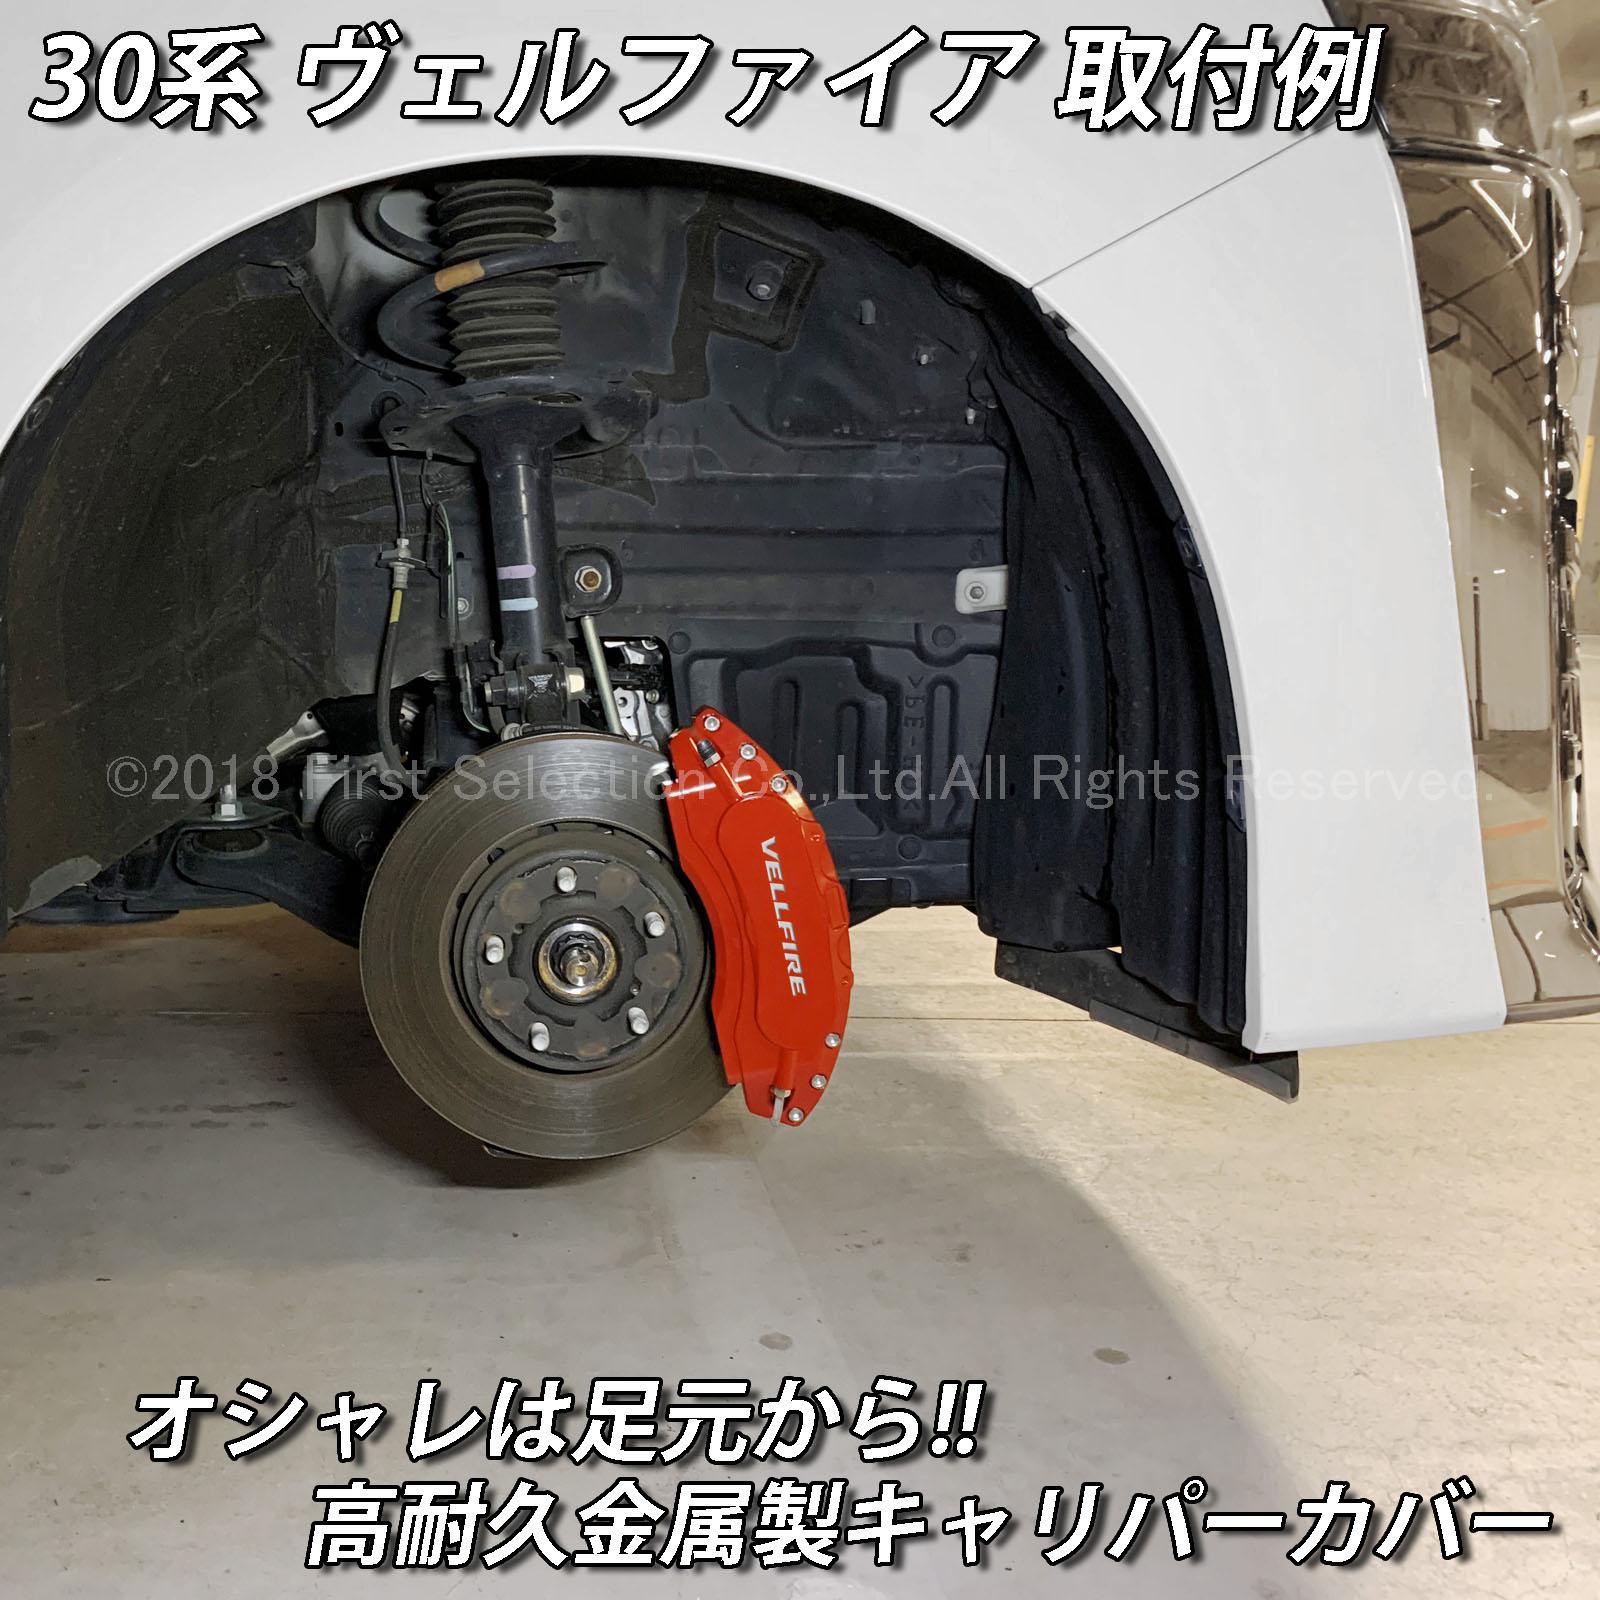 トヨタ車 VELLFIREロゴ銀文字 ヴェルファイア30系用 高耐久金属製キャリパーカバーセット赤 30ヴェルファイア AGH30W AGH35W AYH30W GGH30W GGH35W